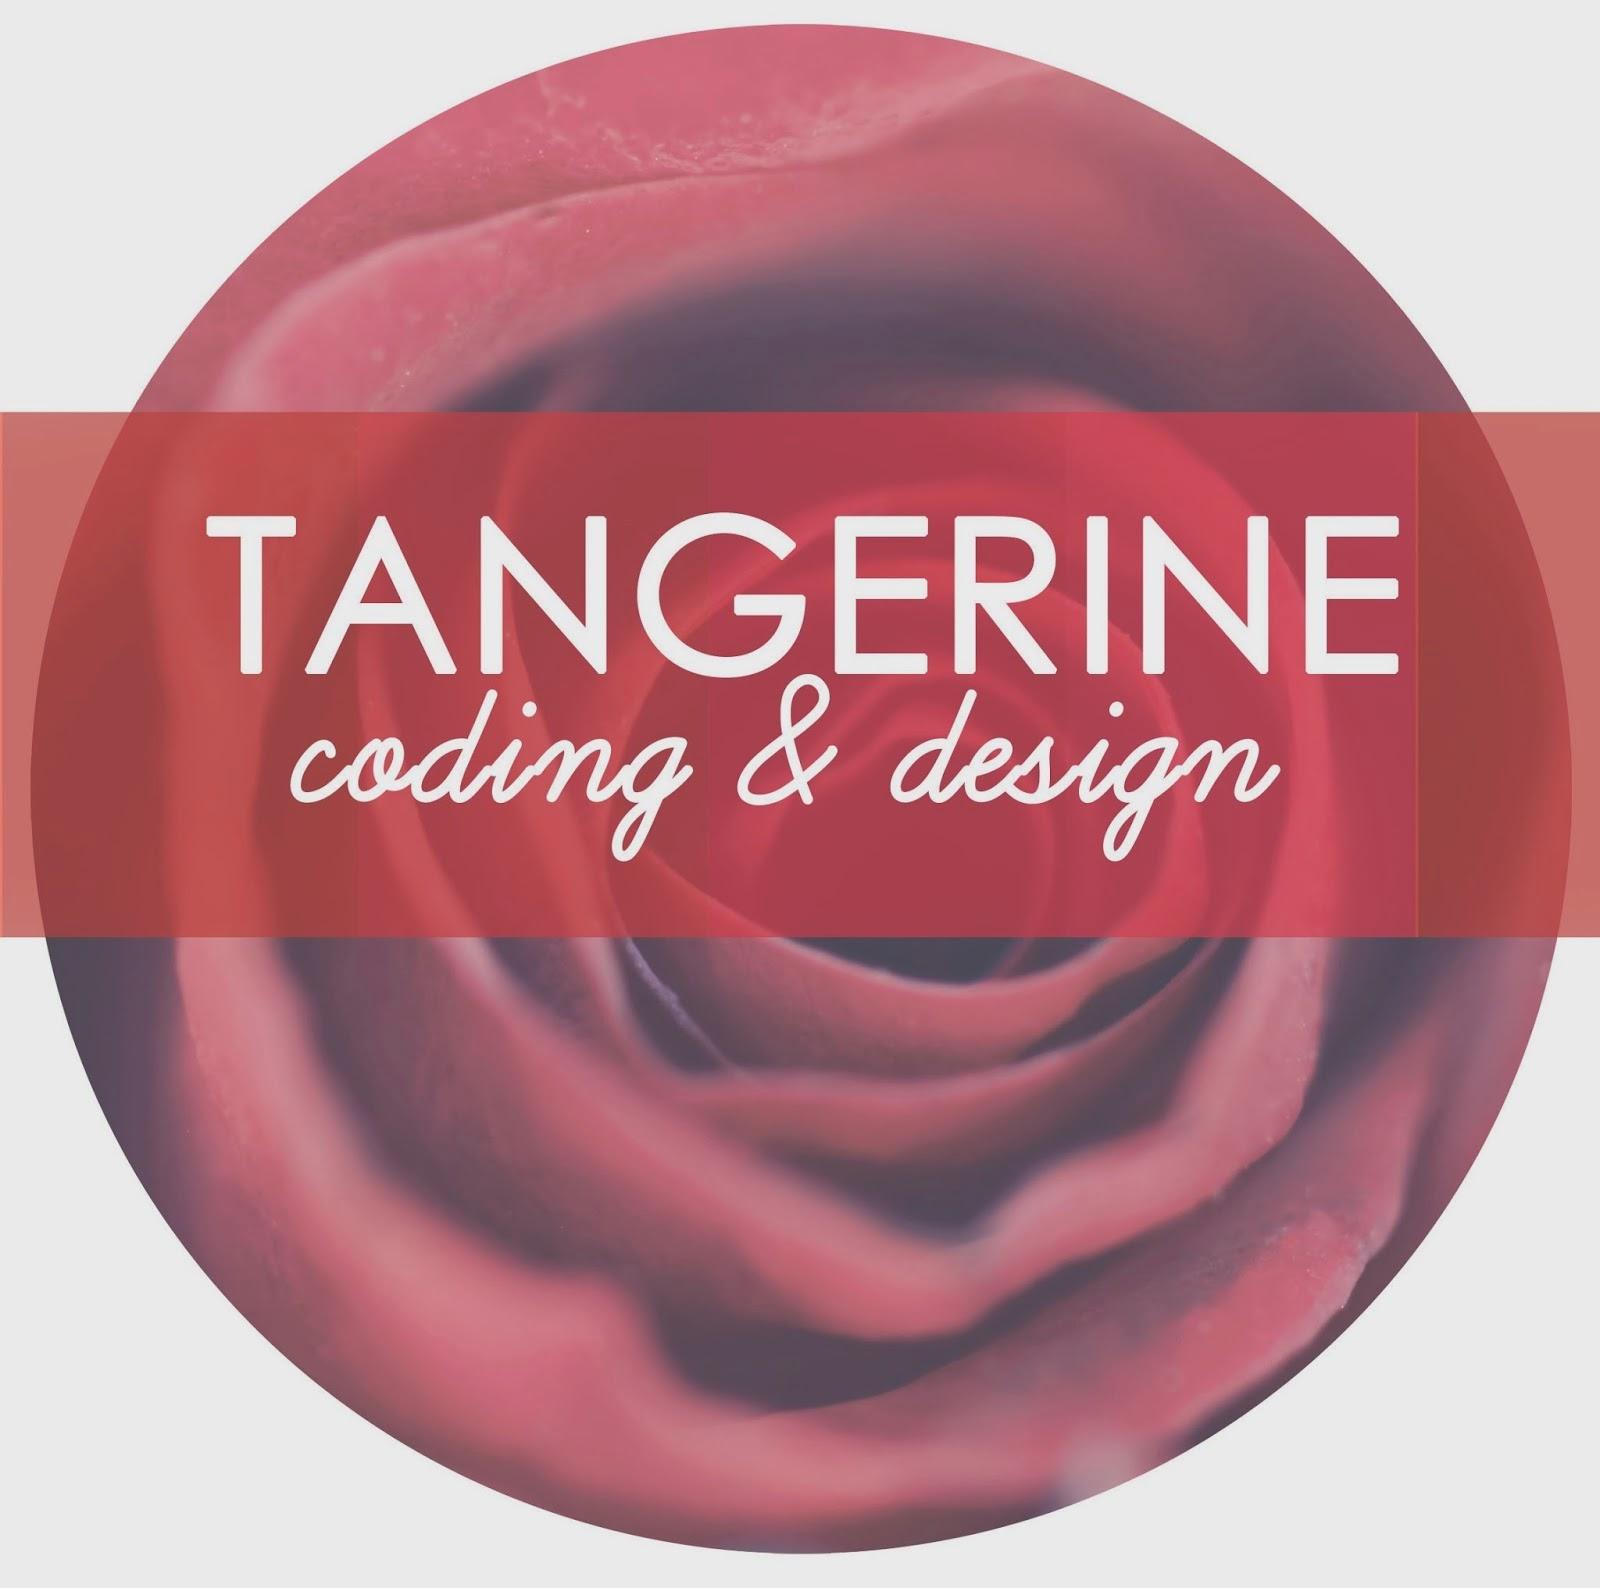 http://tangerinetane.blogspot.com/p/tangerine-coding-design.html